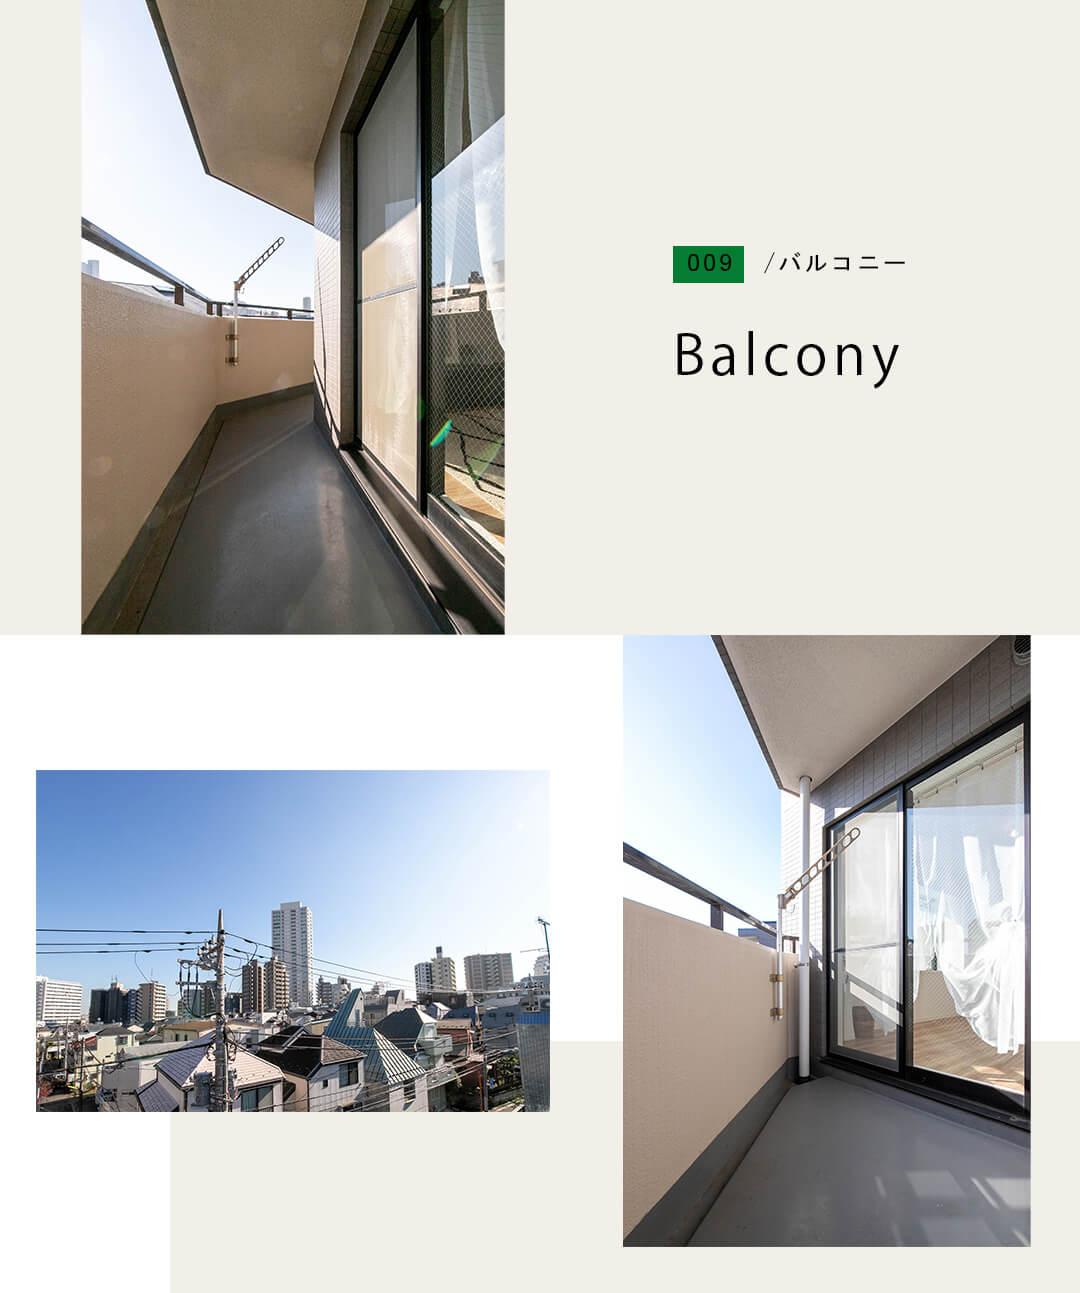 09バルコニー,Balcony